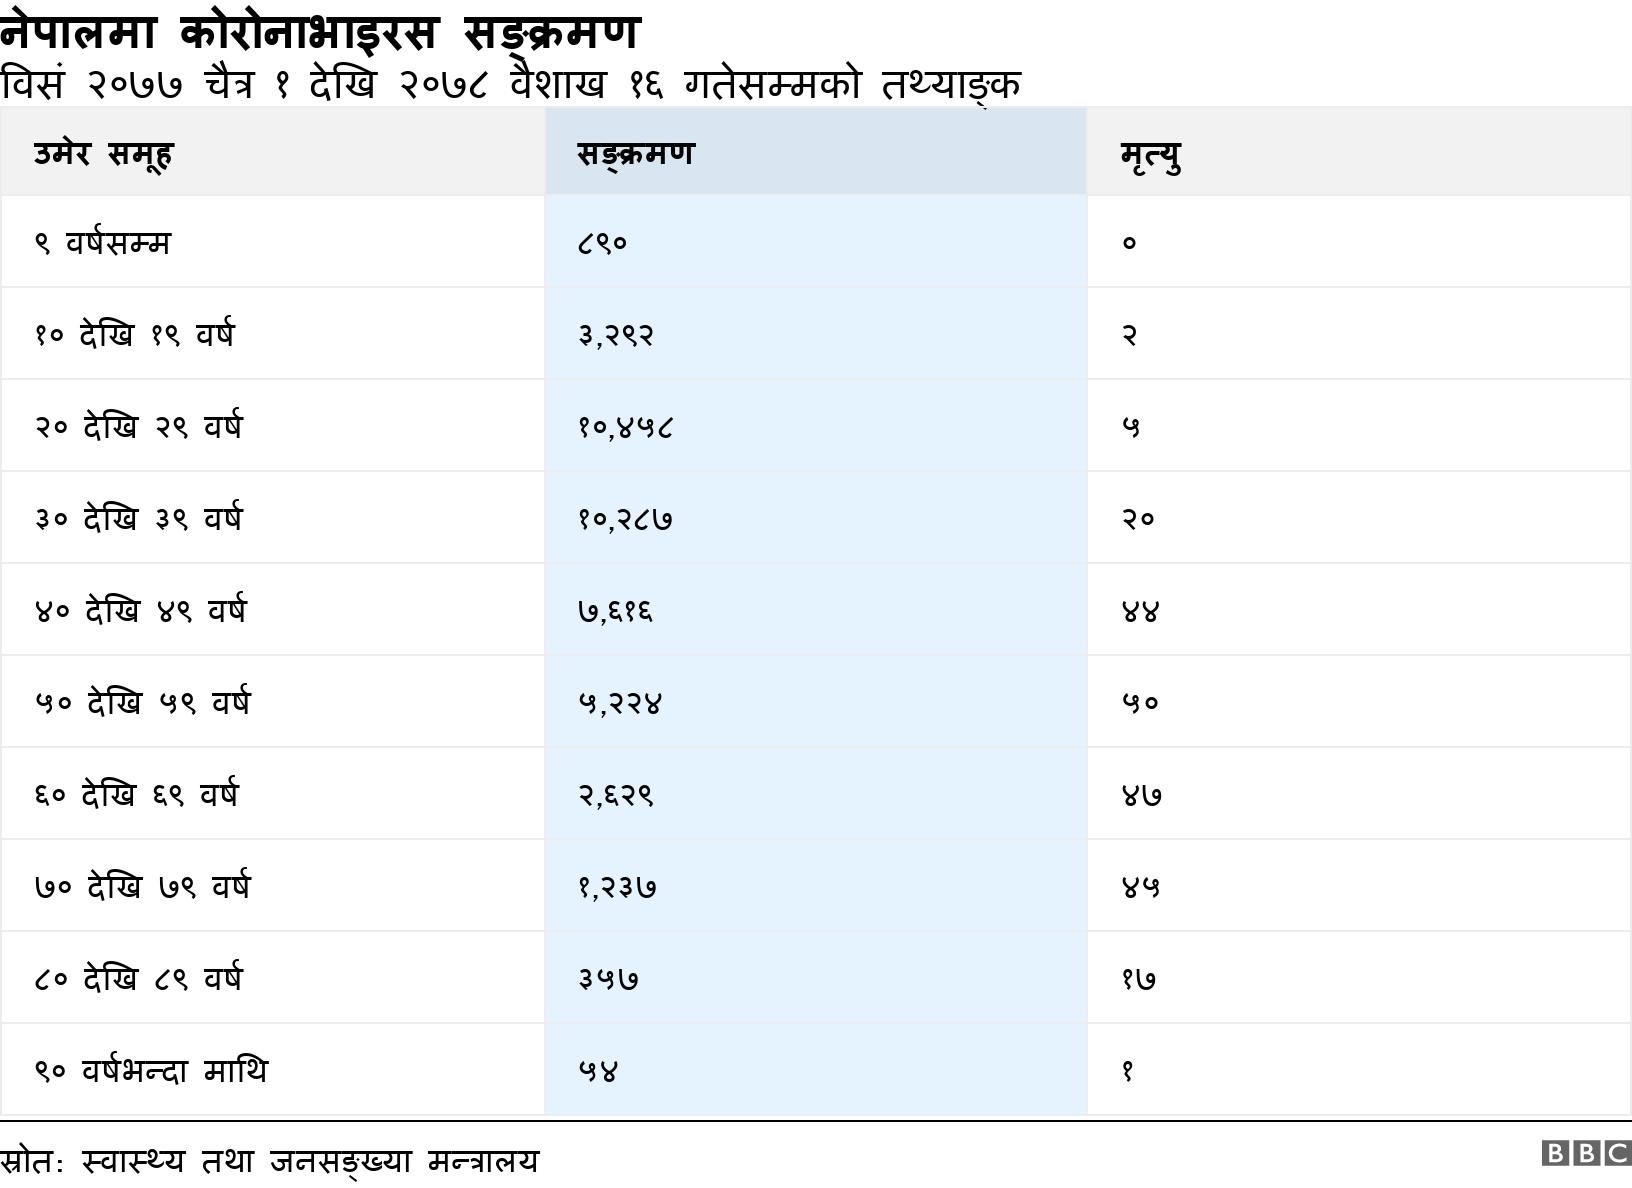 नेपालमा कोरोनाभाइरस सङ्क्रमण. विसं २०७७ चैत्र १ देखि २०७८ वैशाख १६ गतेसम्मको तथ्याङ्क.  .